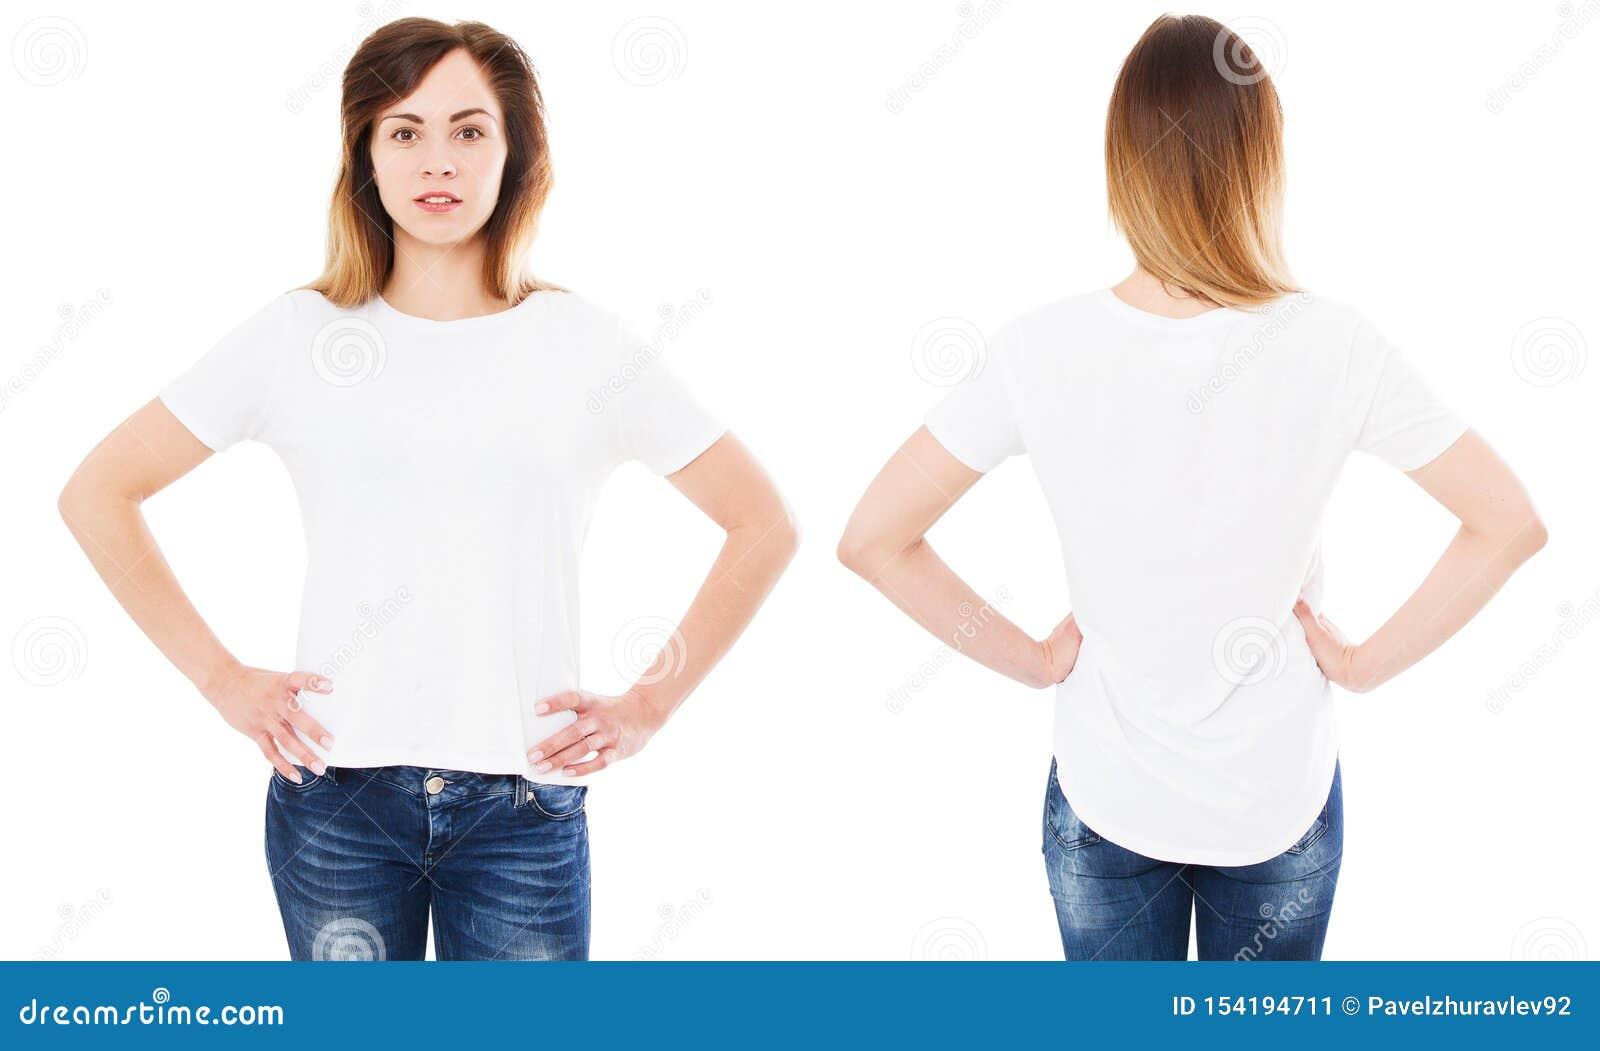 Ustalona szcz??liwa azjatykcia kobieta wskazuje z jej pust? bia?? koszulk? na podczas gdy sta? odizolowywam, korea?ska dziewczyna